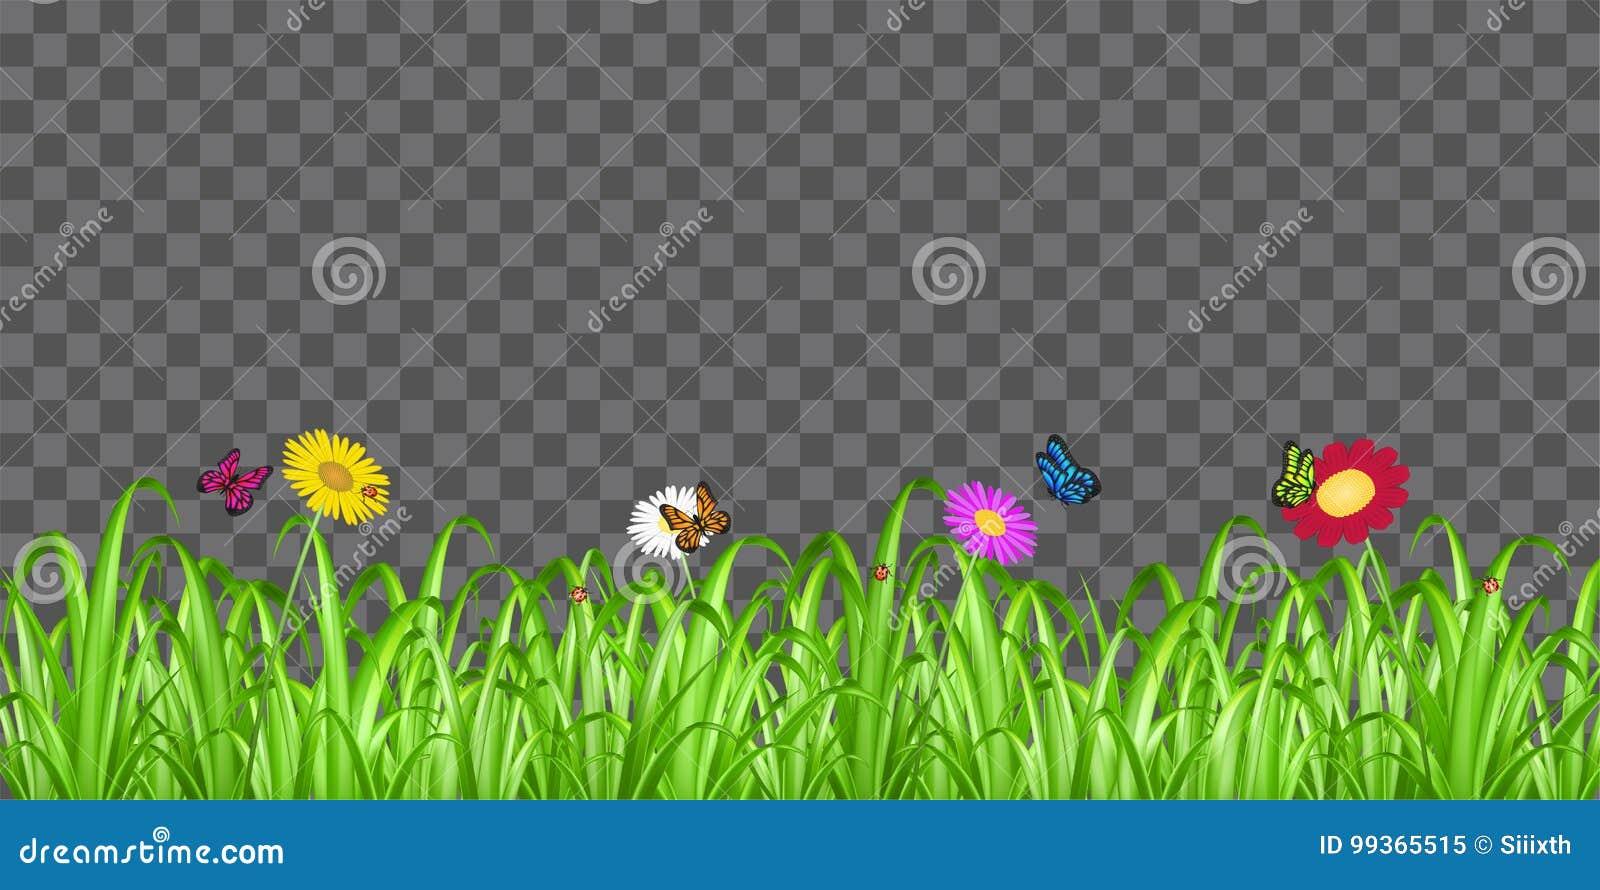 Borboleta Da Flor Da Grama No Fundo Transparente Ilustracao Do Vetor